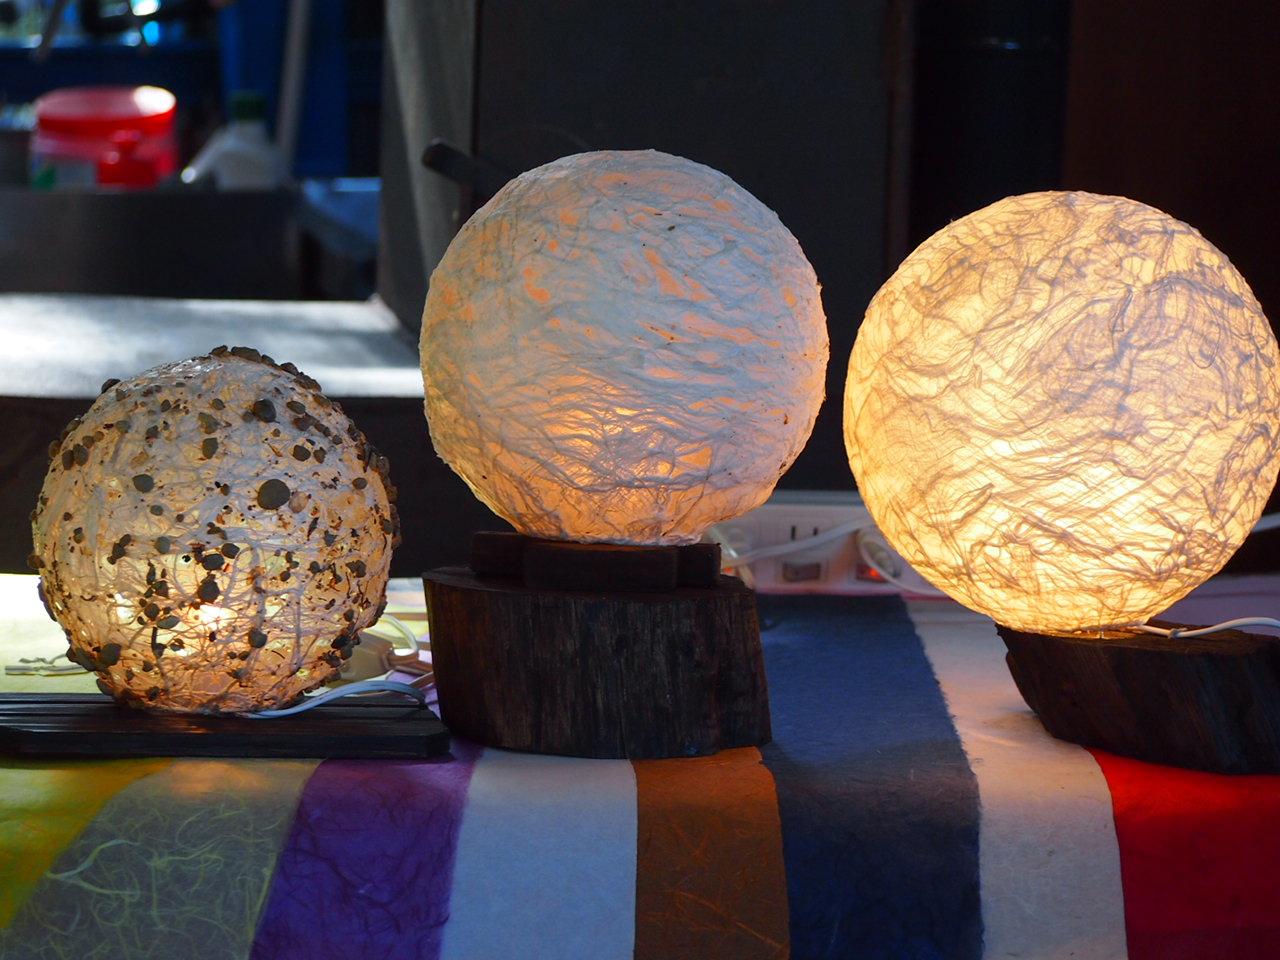 【お月様のような丸形ランプ】※S・M・Lサイズ※≪手作り丸形ランプ体験≫